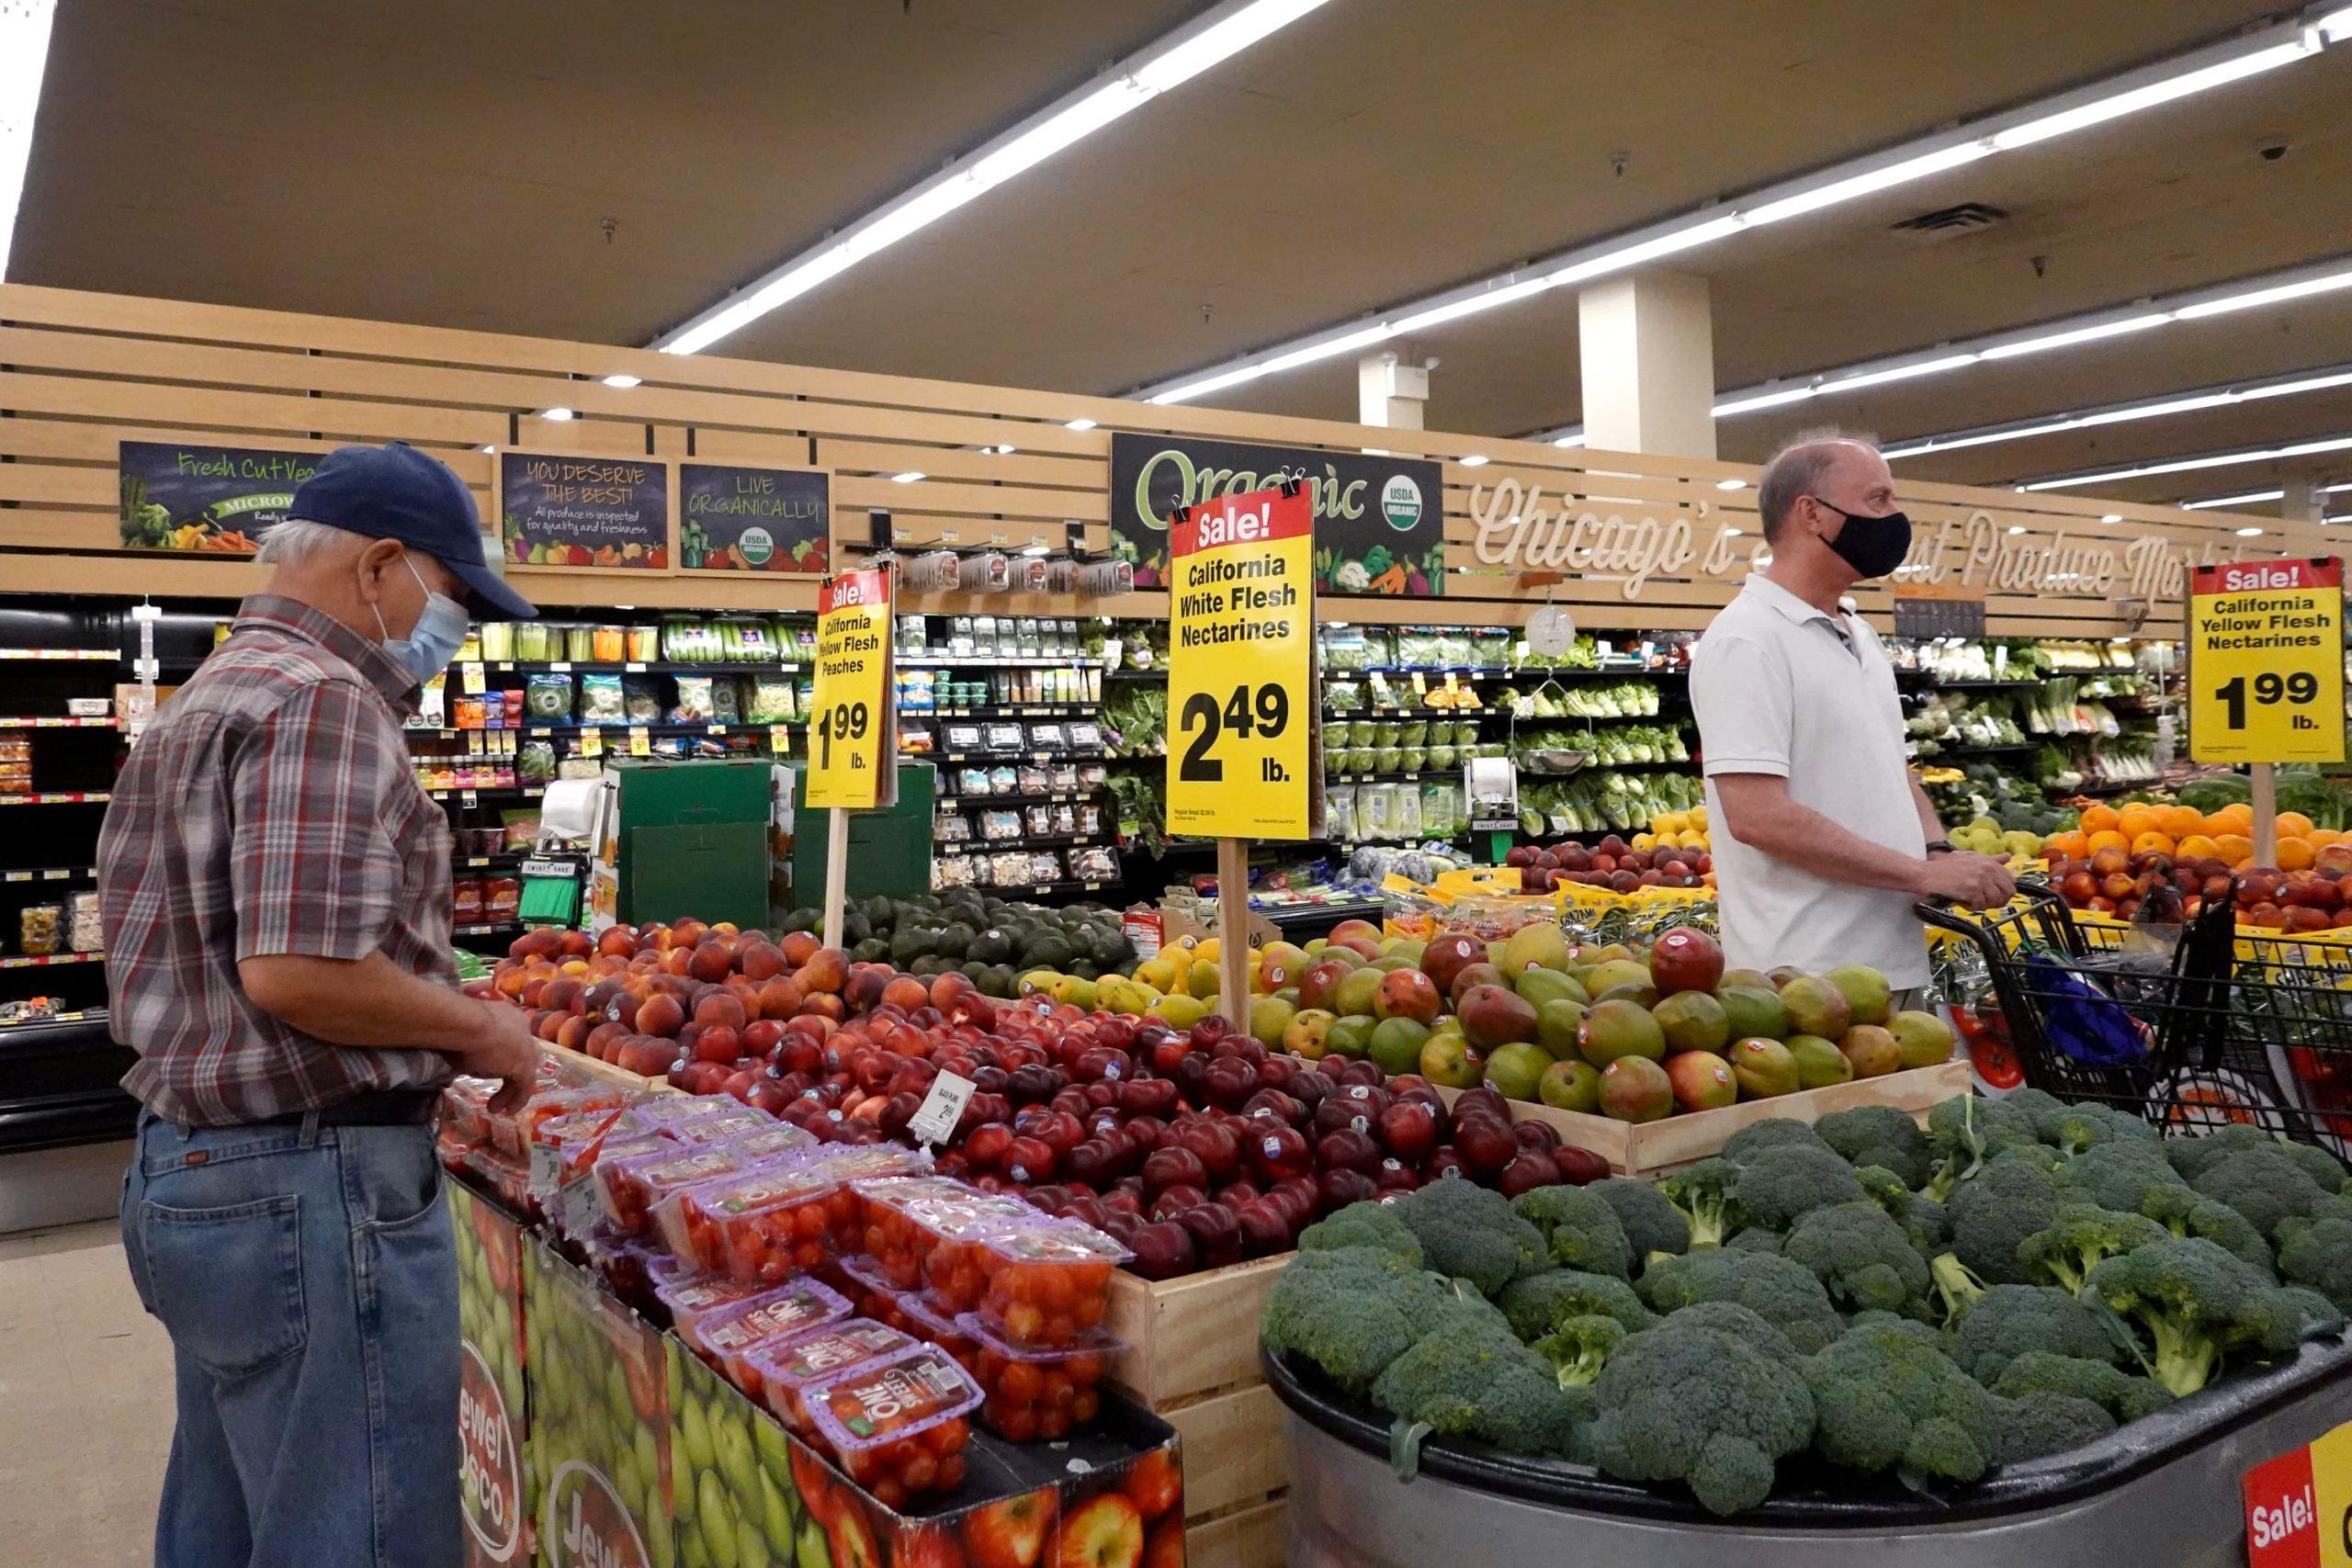 El FMI advierte que la inflación podría resultar persistente y los bancos centrales podrían necesitar actuar